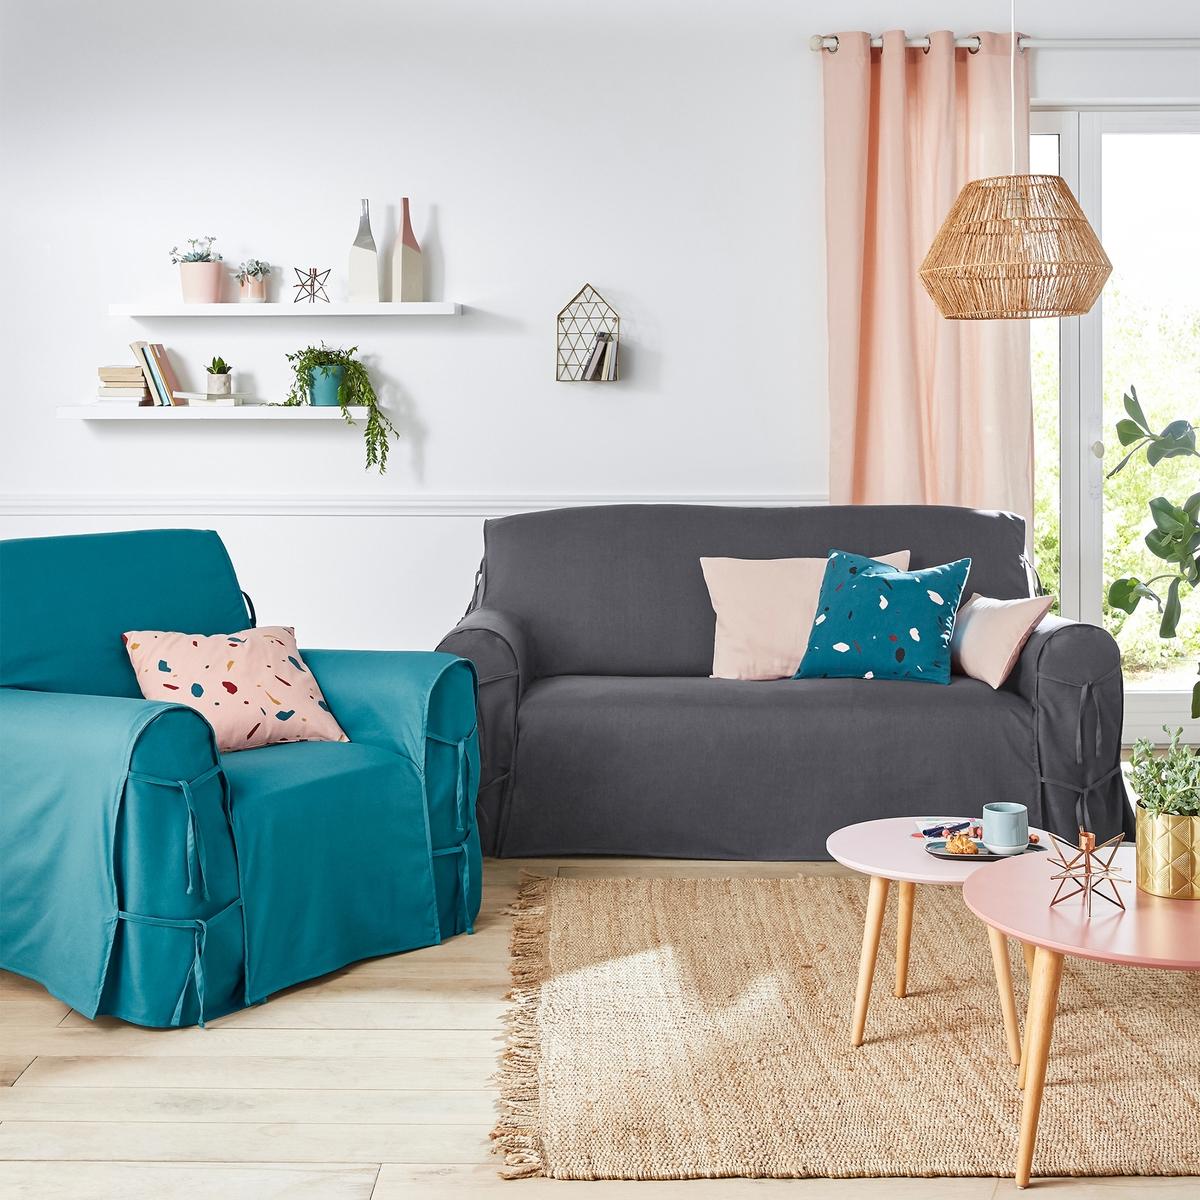 Чехол для диванаЧехол для дивана, 100% хлопка, великолепные цвета!   Характеристики чехла для дивана:Практичный чехол для дивана, регулируется завязками. Красивая плотная ткань, 100% хлопок (220 г/м?).Обработка против пятен.Простой уход : стирка при 40°, превосходная стойкость цвета.Размеры чехла для дивана:Общая высота: 102 см.Глубина сиденья: 60 см.Высота : подлокотник 66 см.3 модели на выбор : - 2-местн. : шир.142 см макс.,- 2-3 местн. : шир. 180 см макс.,- 3-местн. : шир. 206 см макс..Сверьте размеры перед заказом !Качество VALEUR S?RE.Сертфикат Oeko-Tex® дает гарантию того, что товары изготовлены без применения химических средств и не представляют опасности для здоровья человека  .<br><br>Цвет: белый,вишневый,медовый,серо-коричневый,серый жемчужный,сине-зеленый,синий индиго,сливовый,темно-серый,черный,экрю<br>Размер: 3 местн..2 места.3 местн..2/3 мест.2 места.2/3 мест.3 местн..2 места